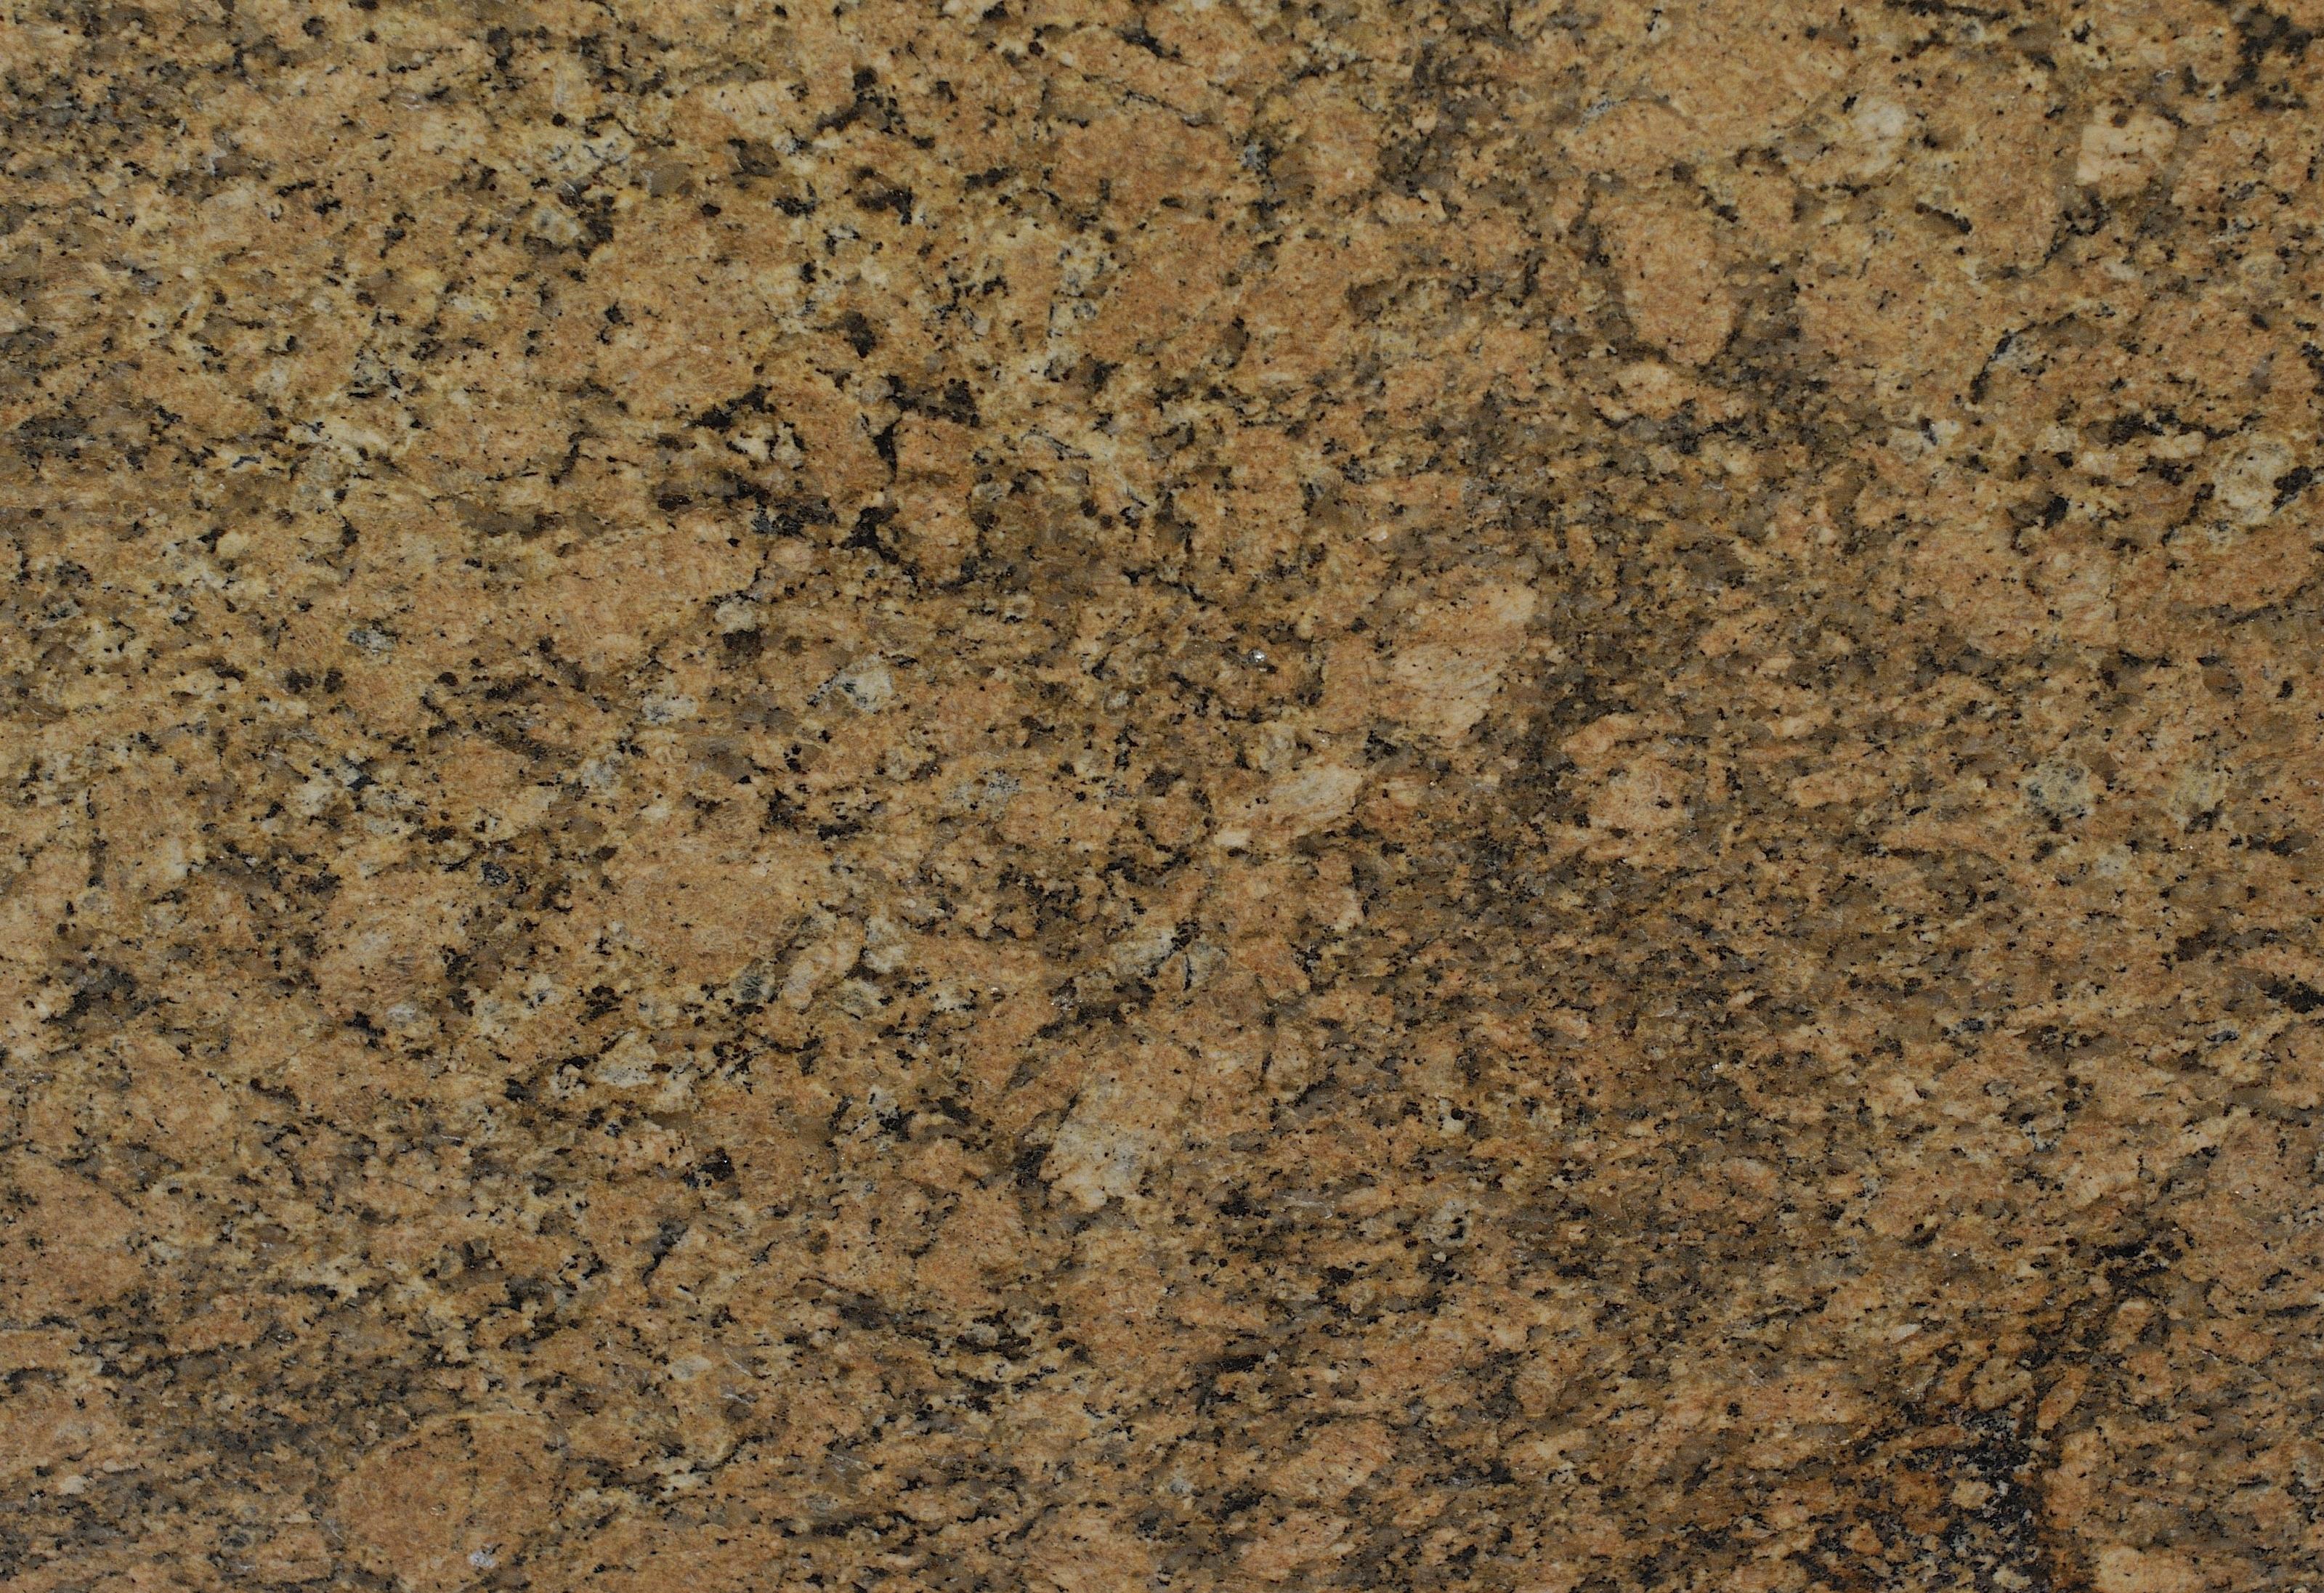 Giallo Veneziano Granite Prefabricated Kitchen Countertops